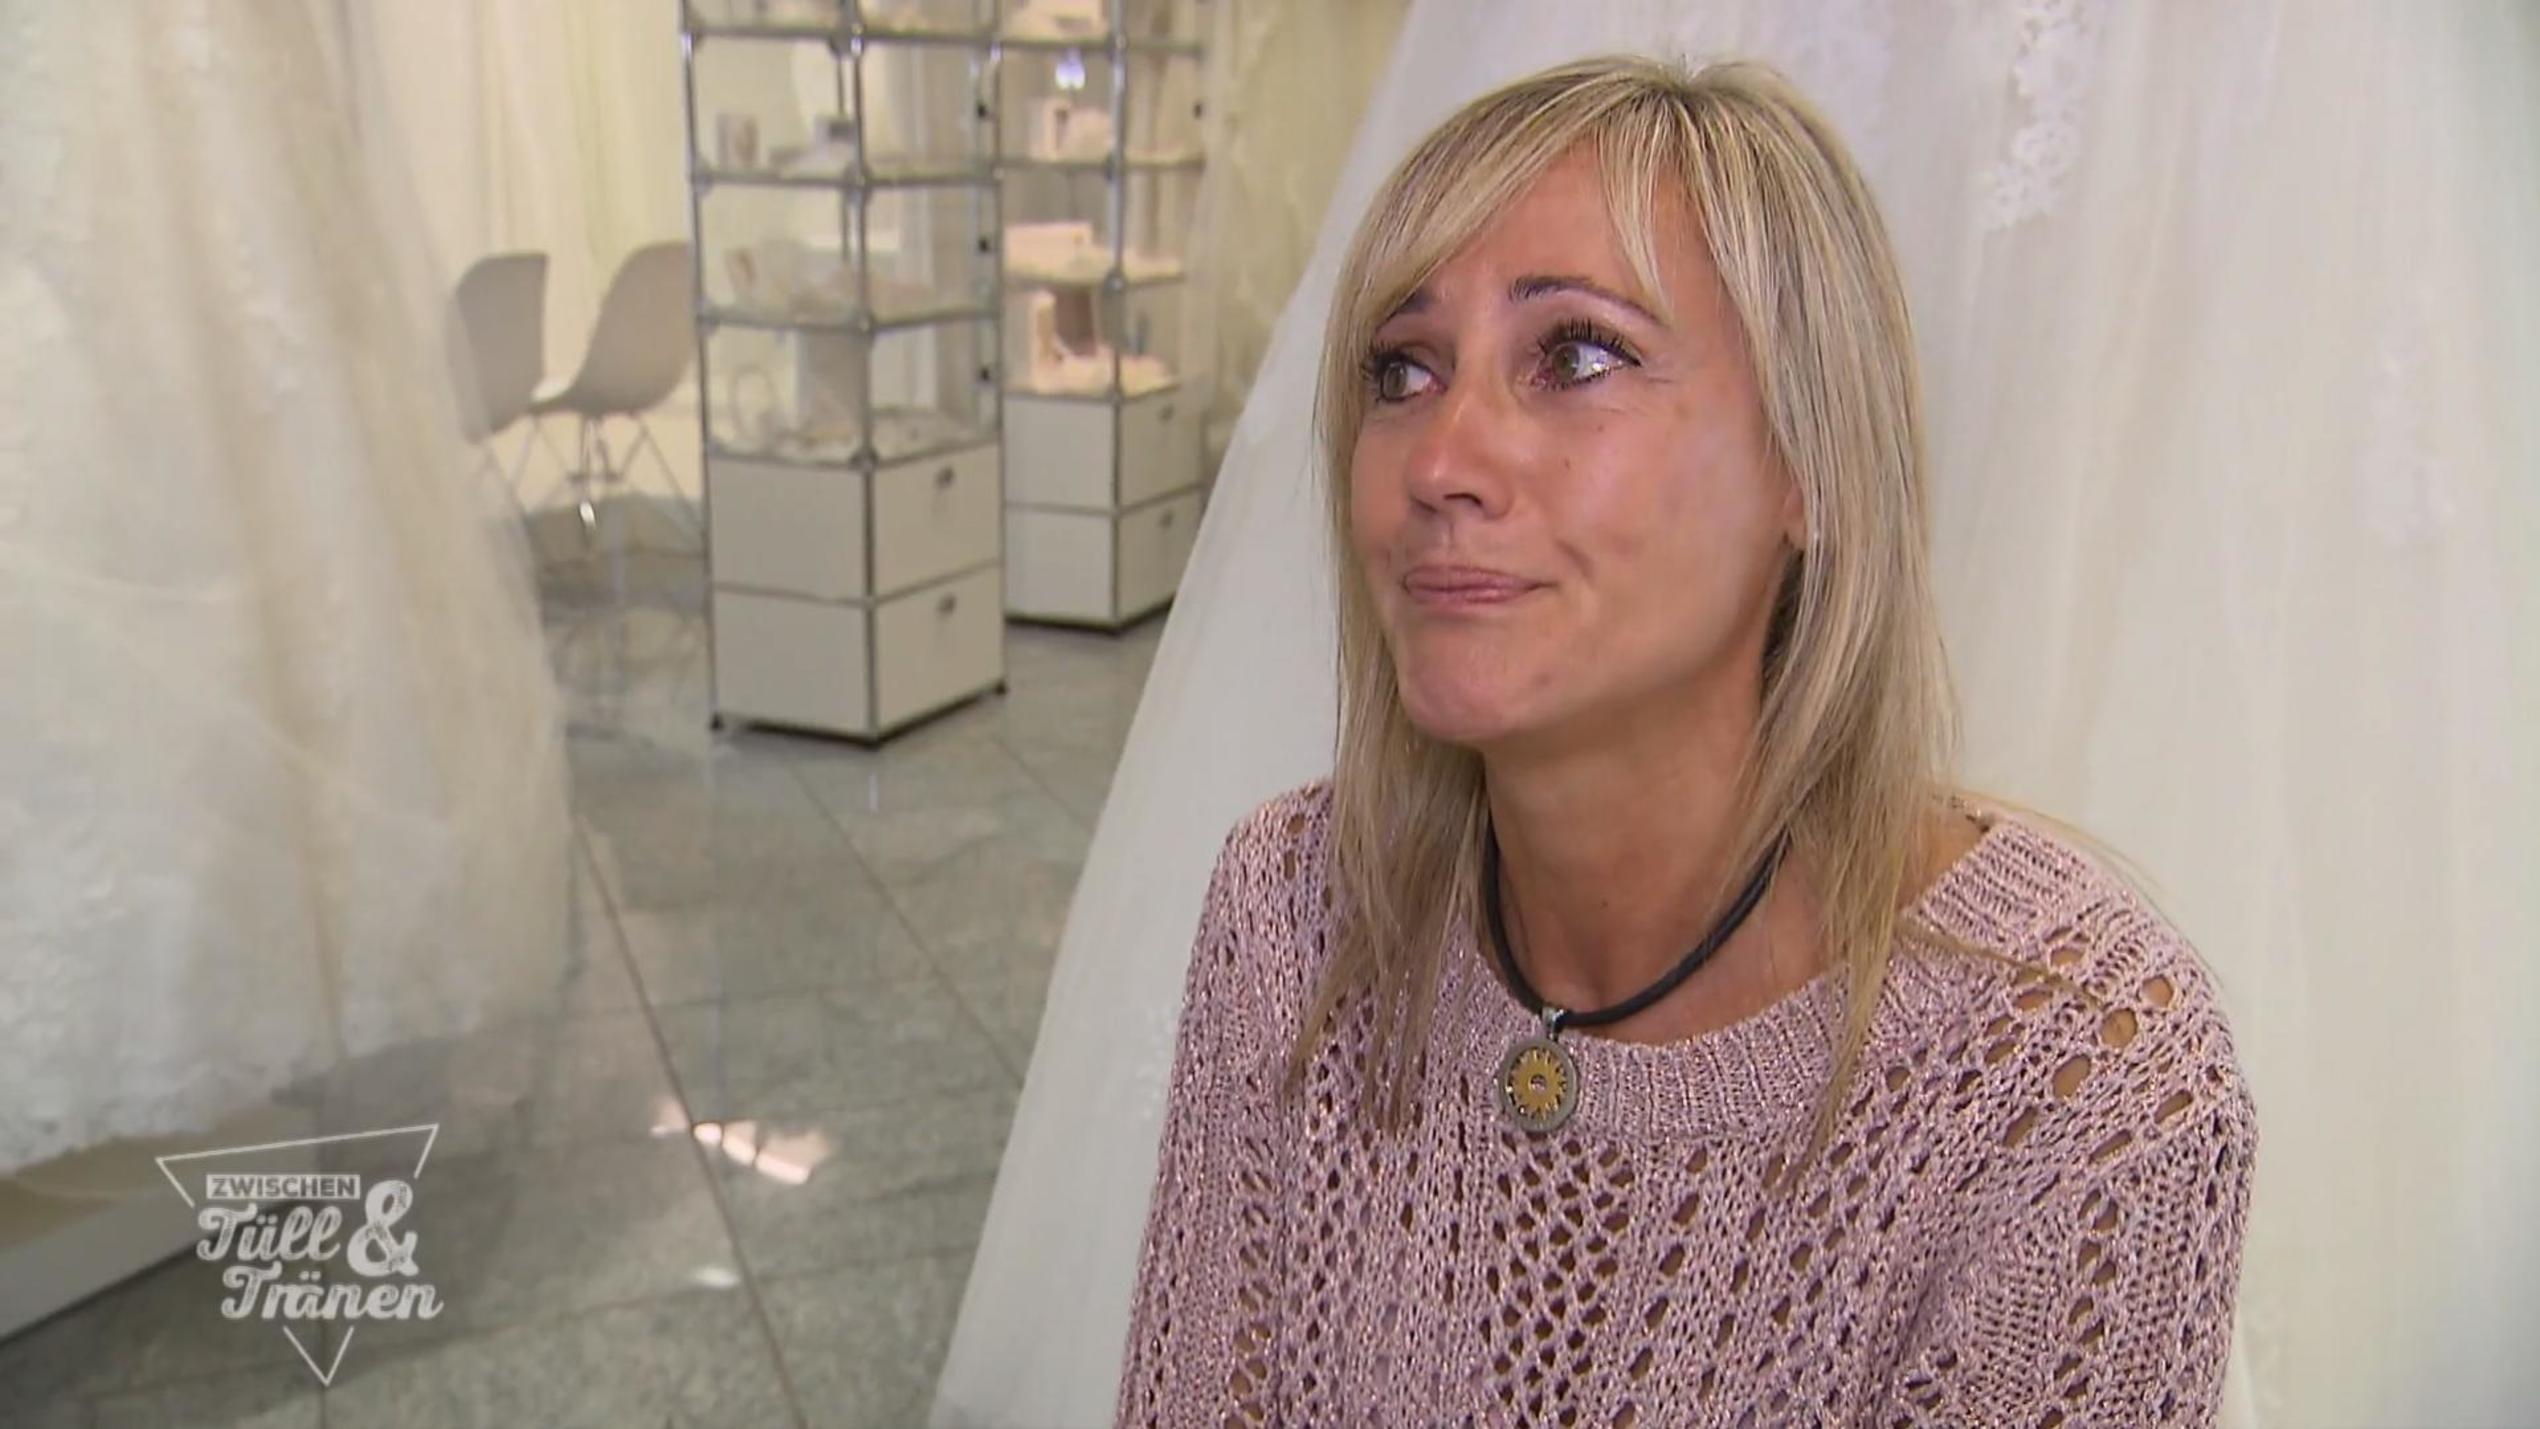 Zwischen Tüll Und Tränen Marie Bernal